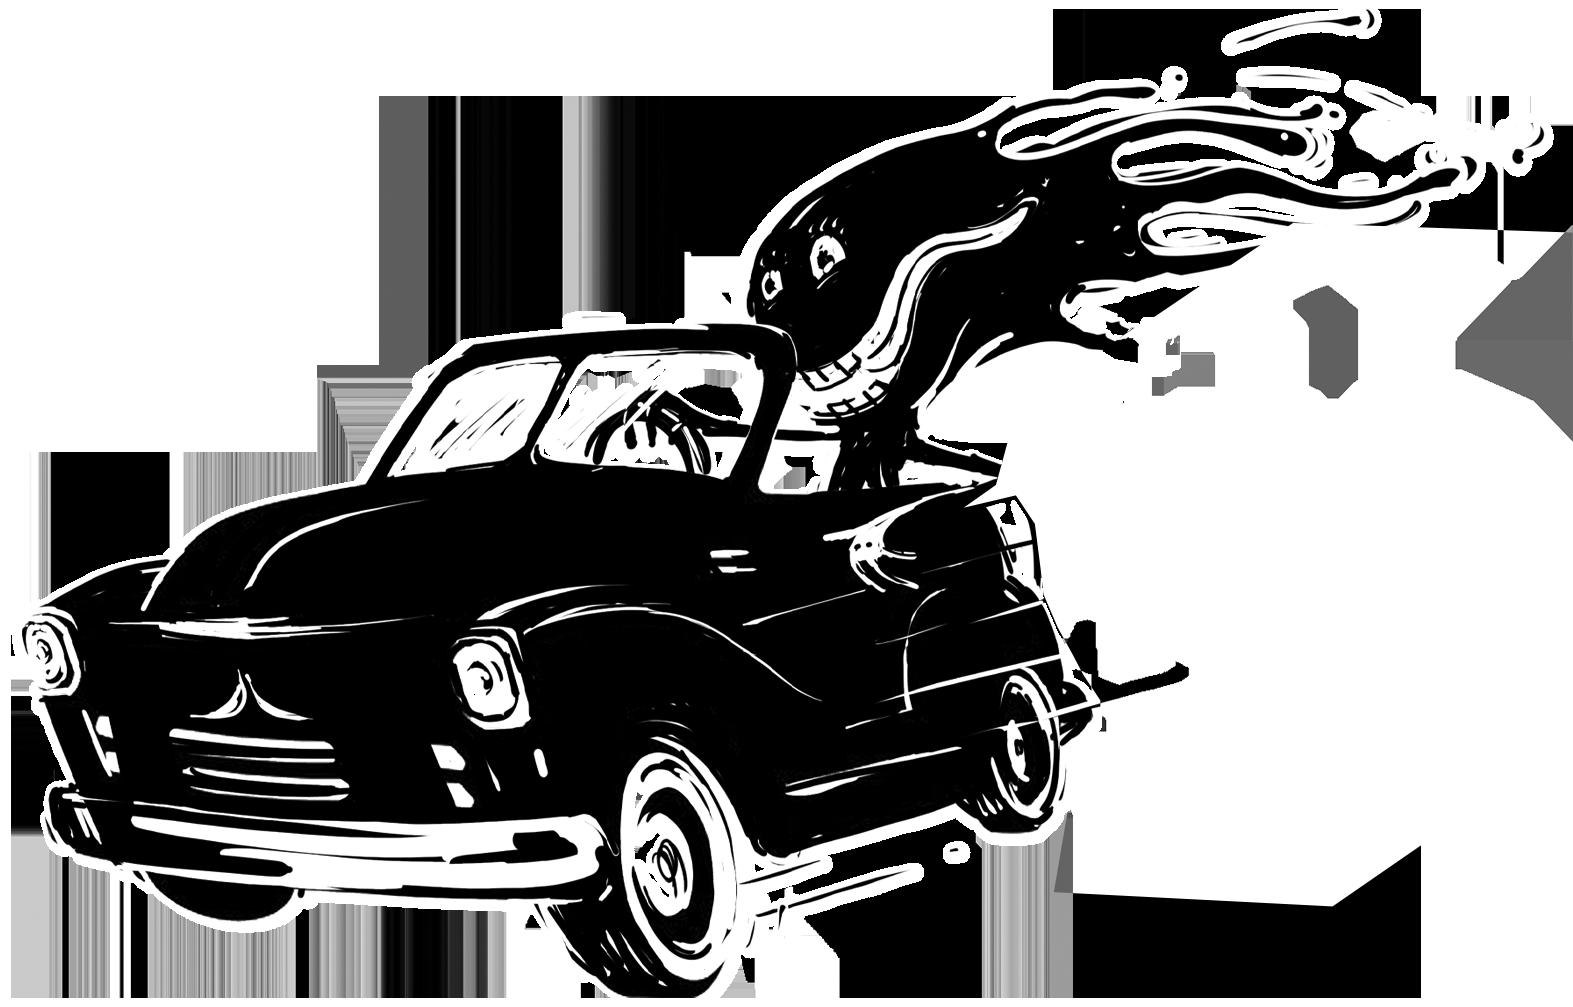 rysunki ilustracje storyboard digital draw komiks